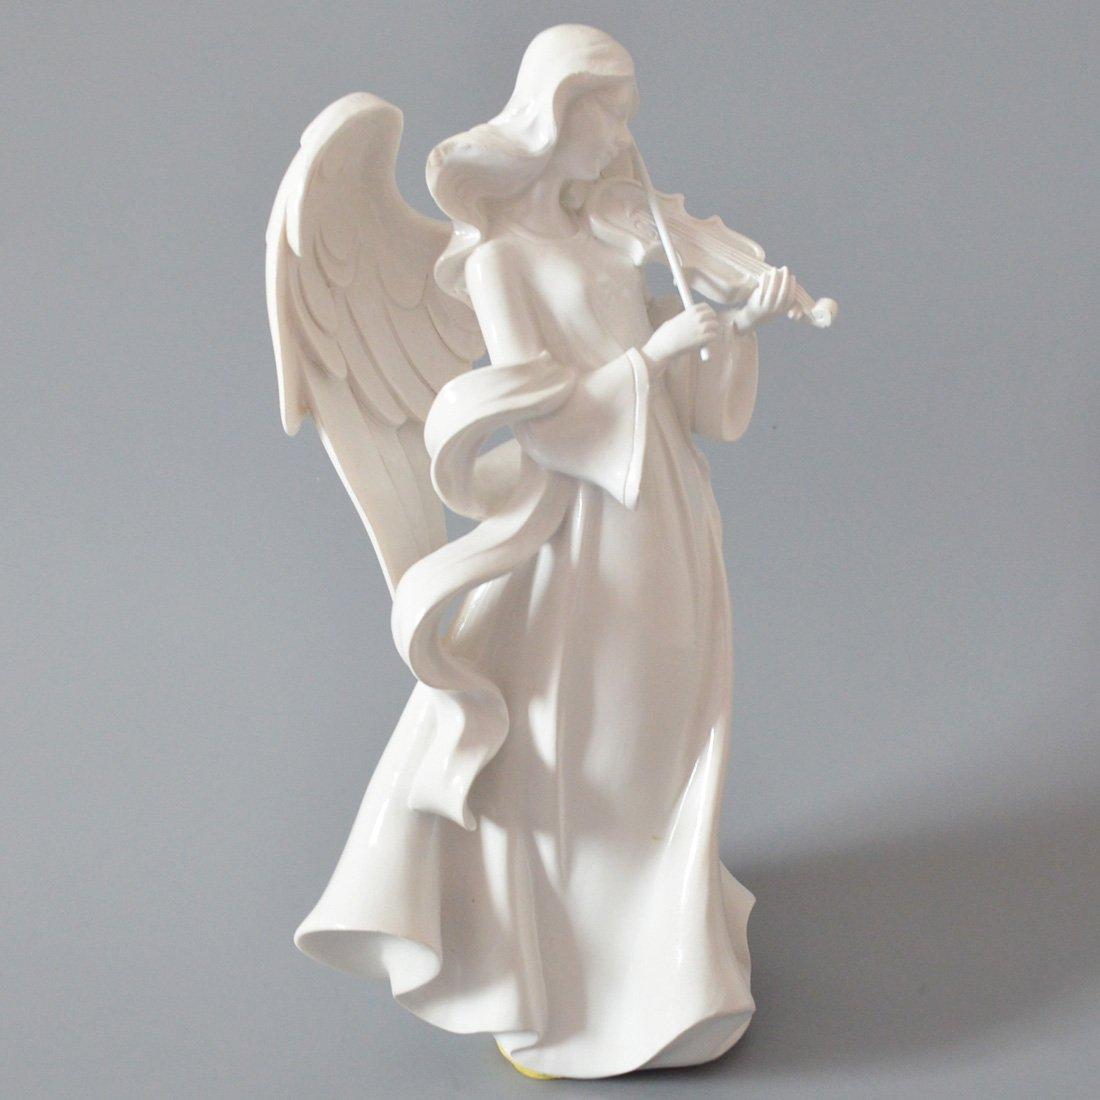 Giftgarden Sculpture Ange D/écorative Objet Deco avec Violon Blanche La Taille de la Statue est de 12.2x11x25.4cm